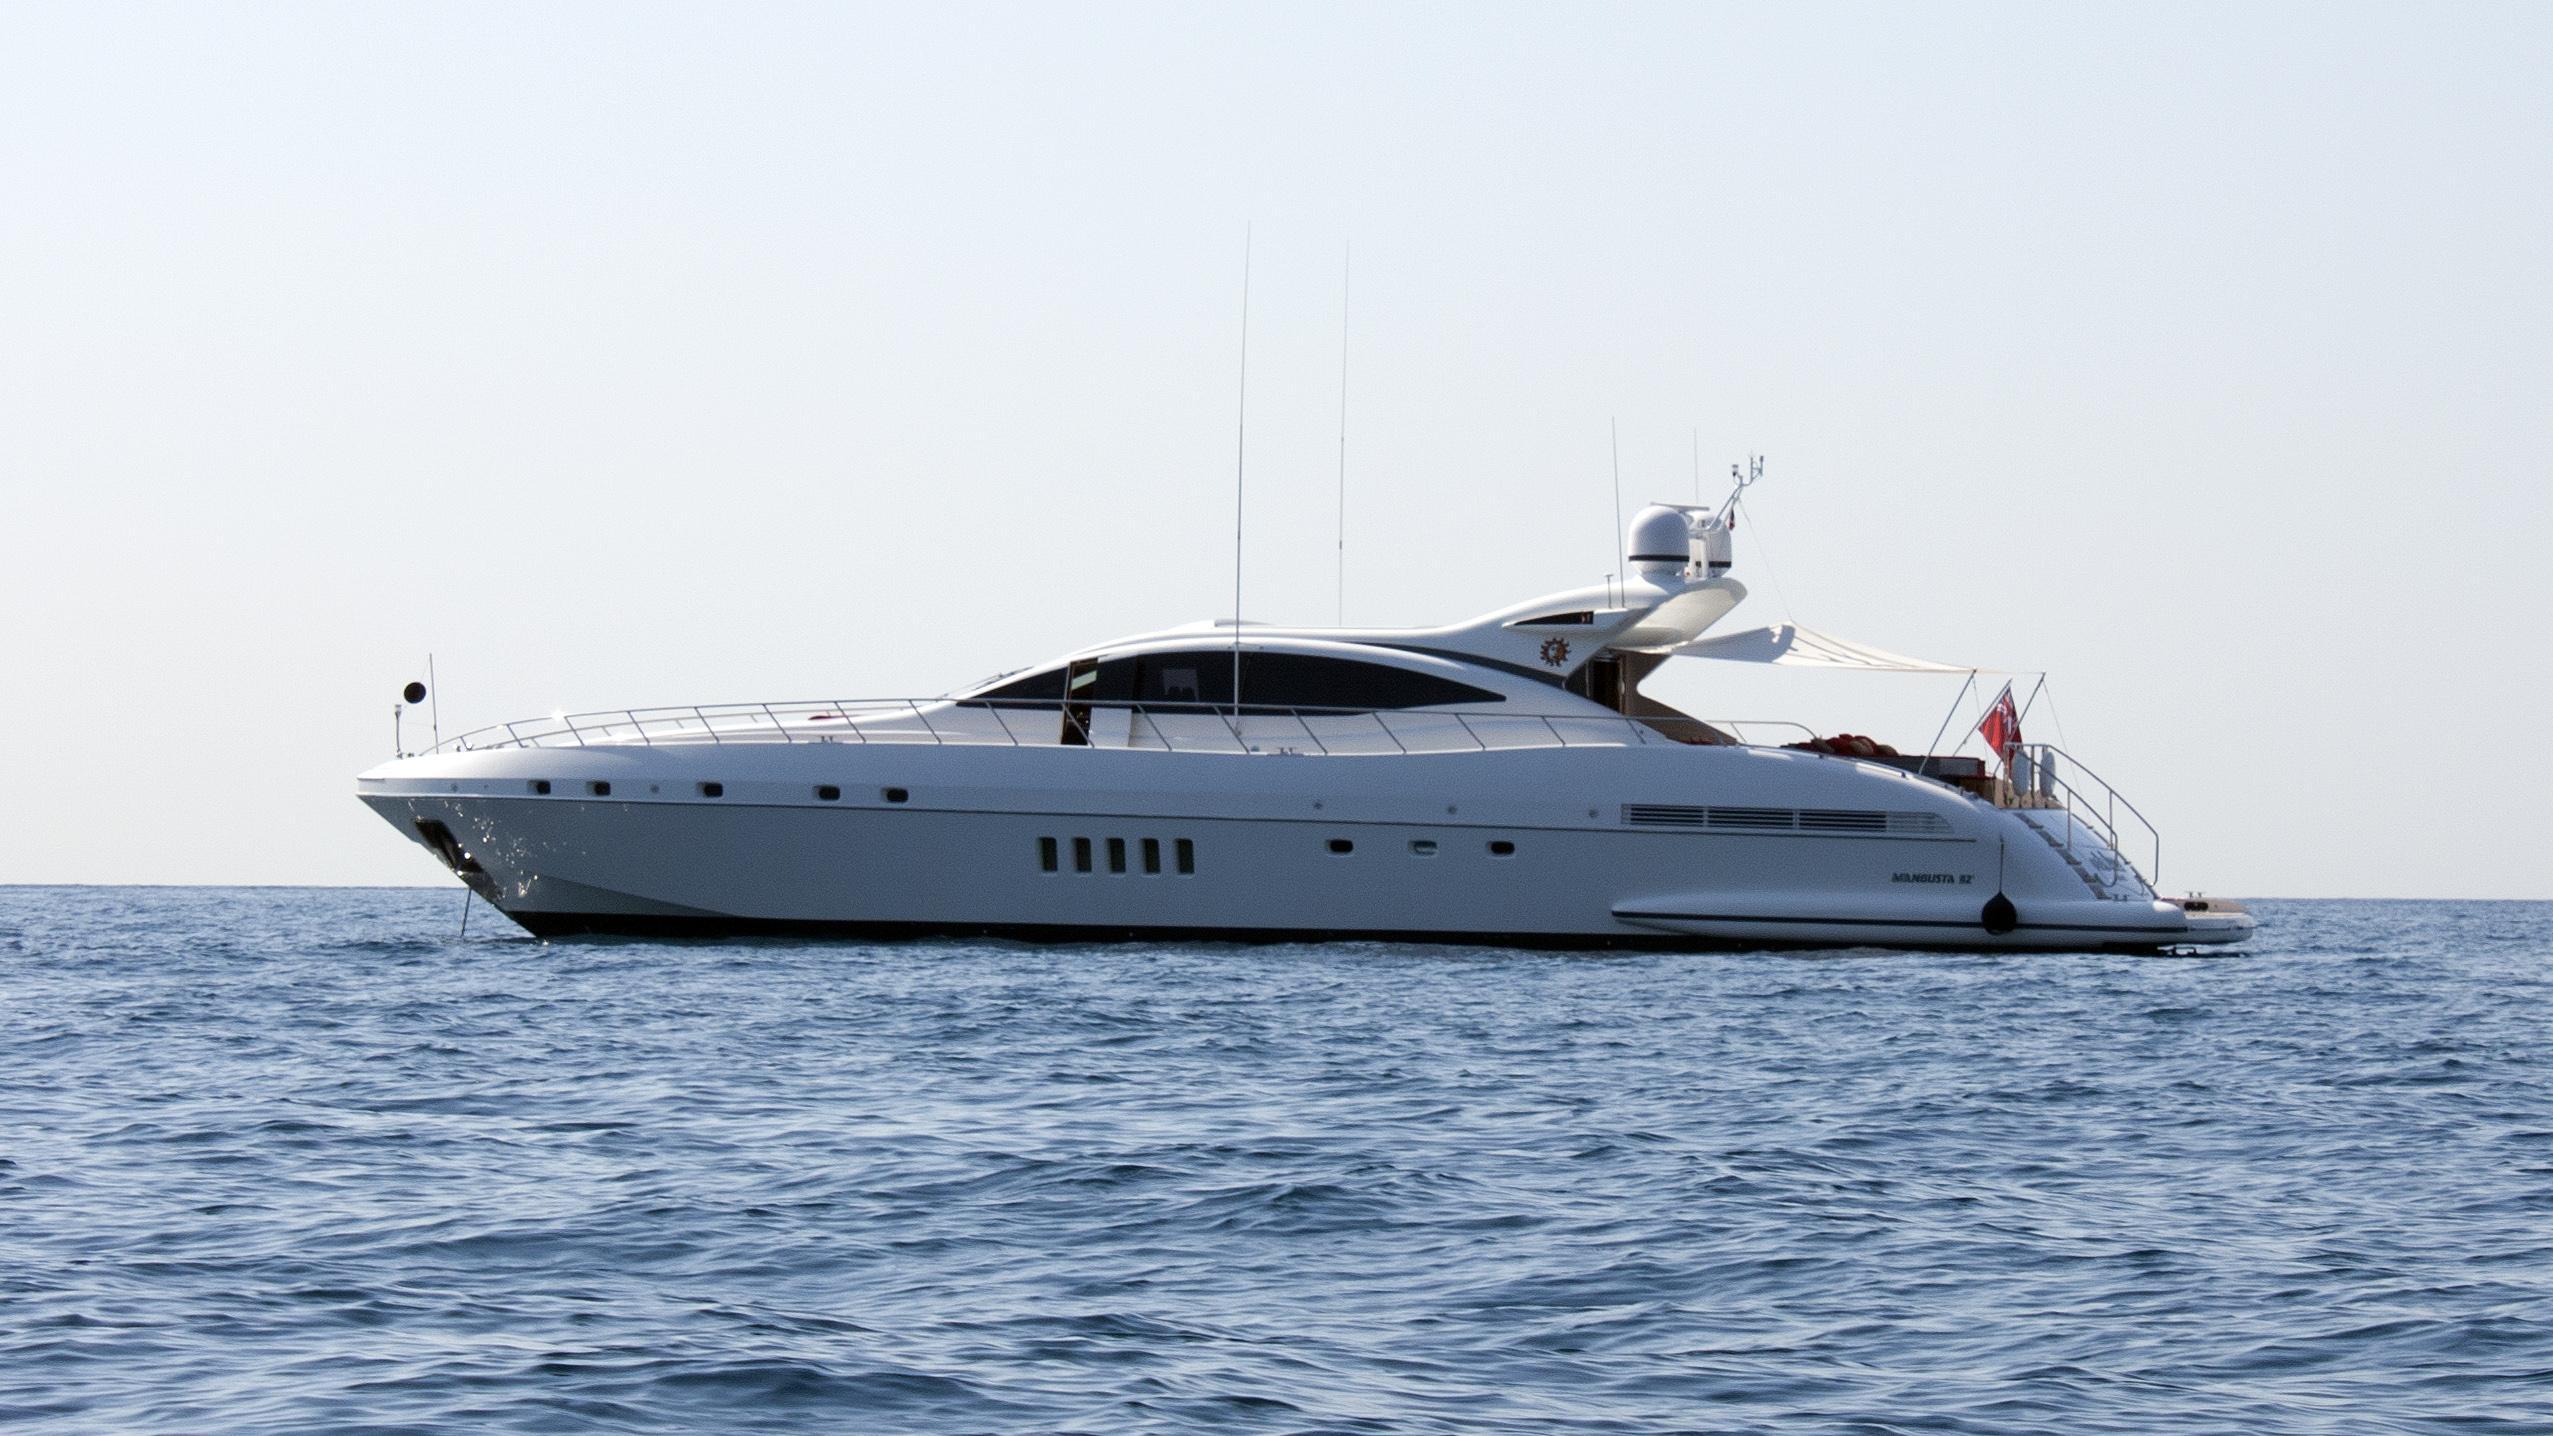 soleluna-motor-yacht-Mangusta-92-Open-Ht-2007-28m-profile